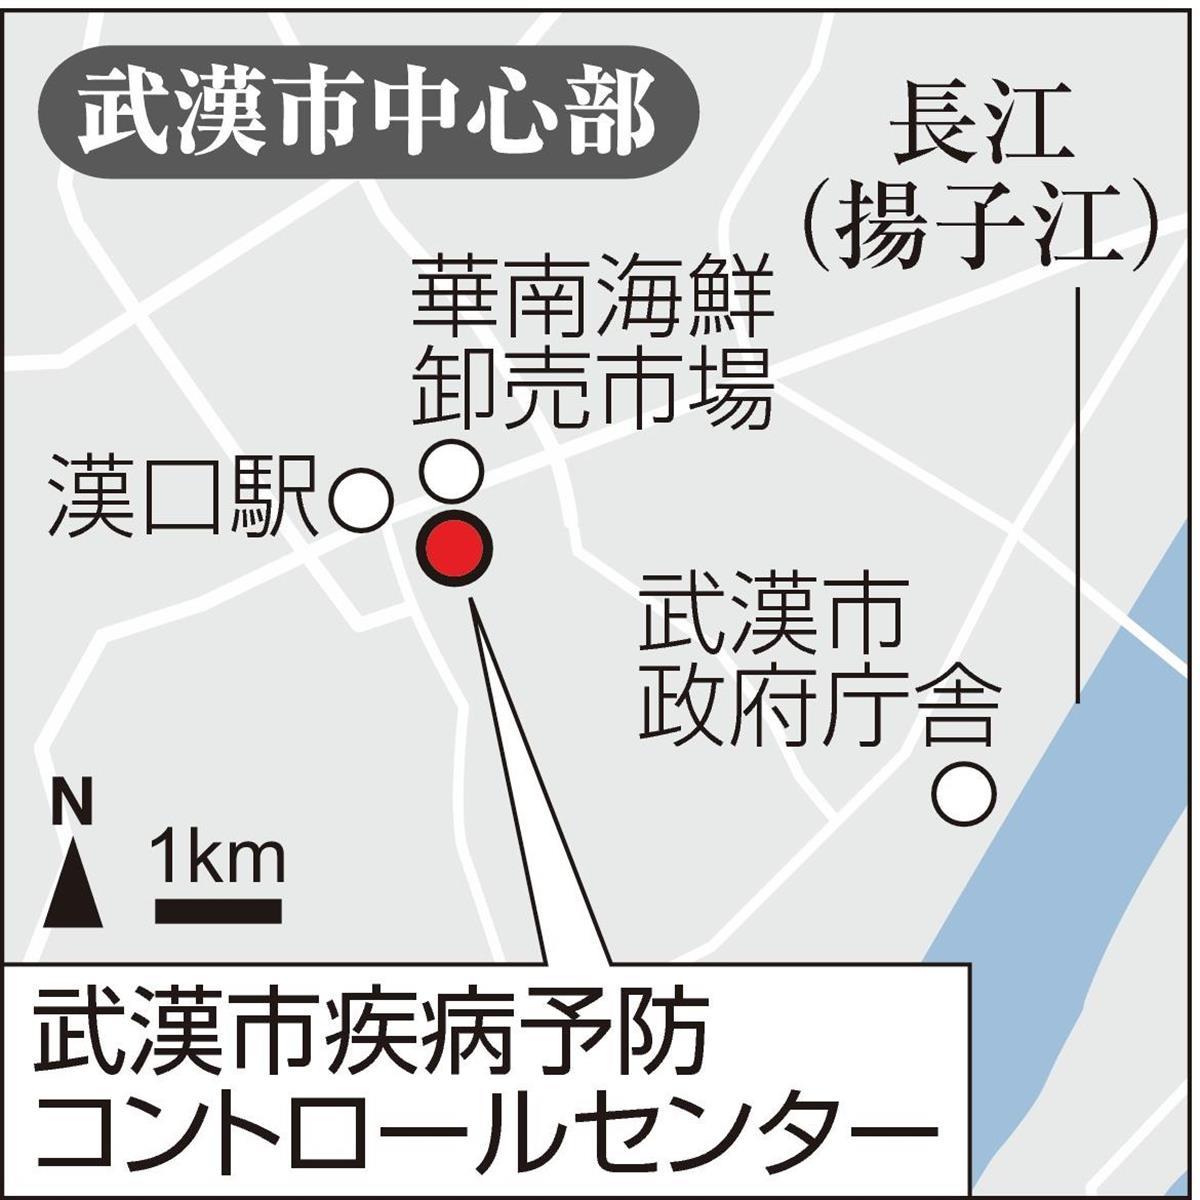 呉 市 コロナ ツイッター